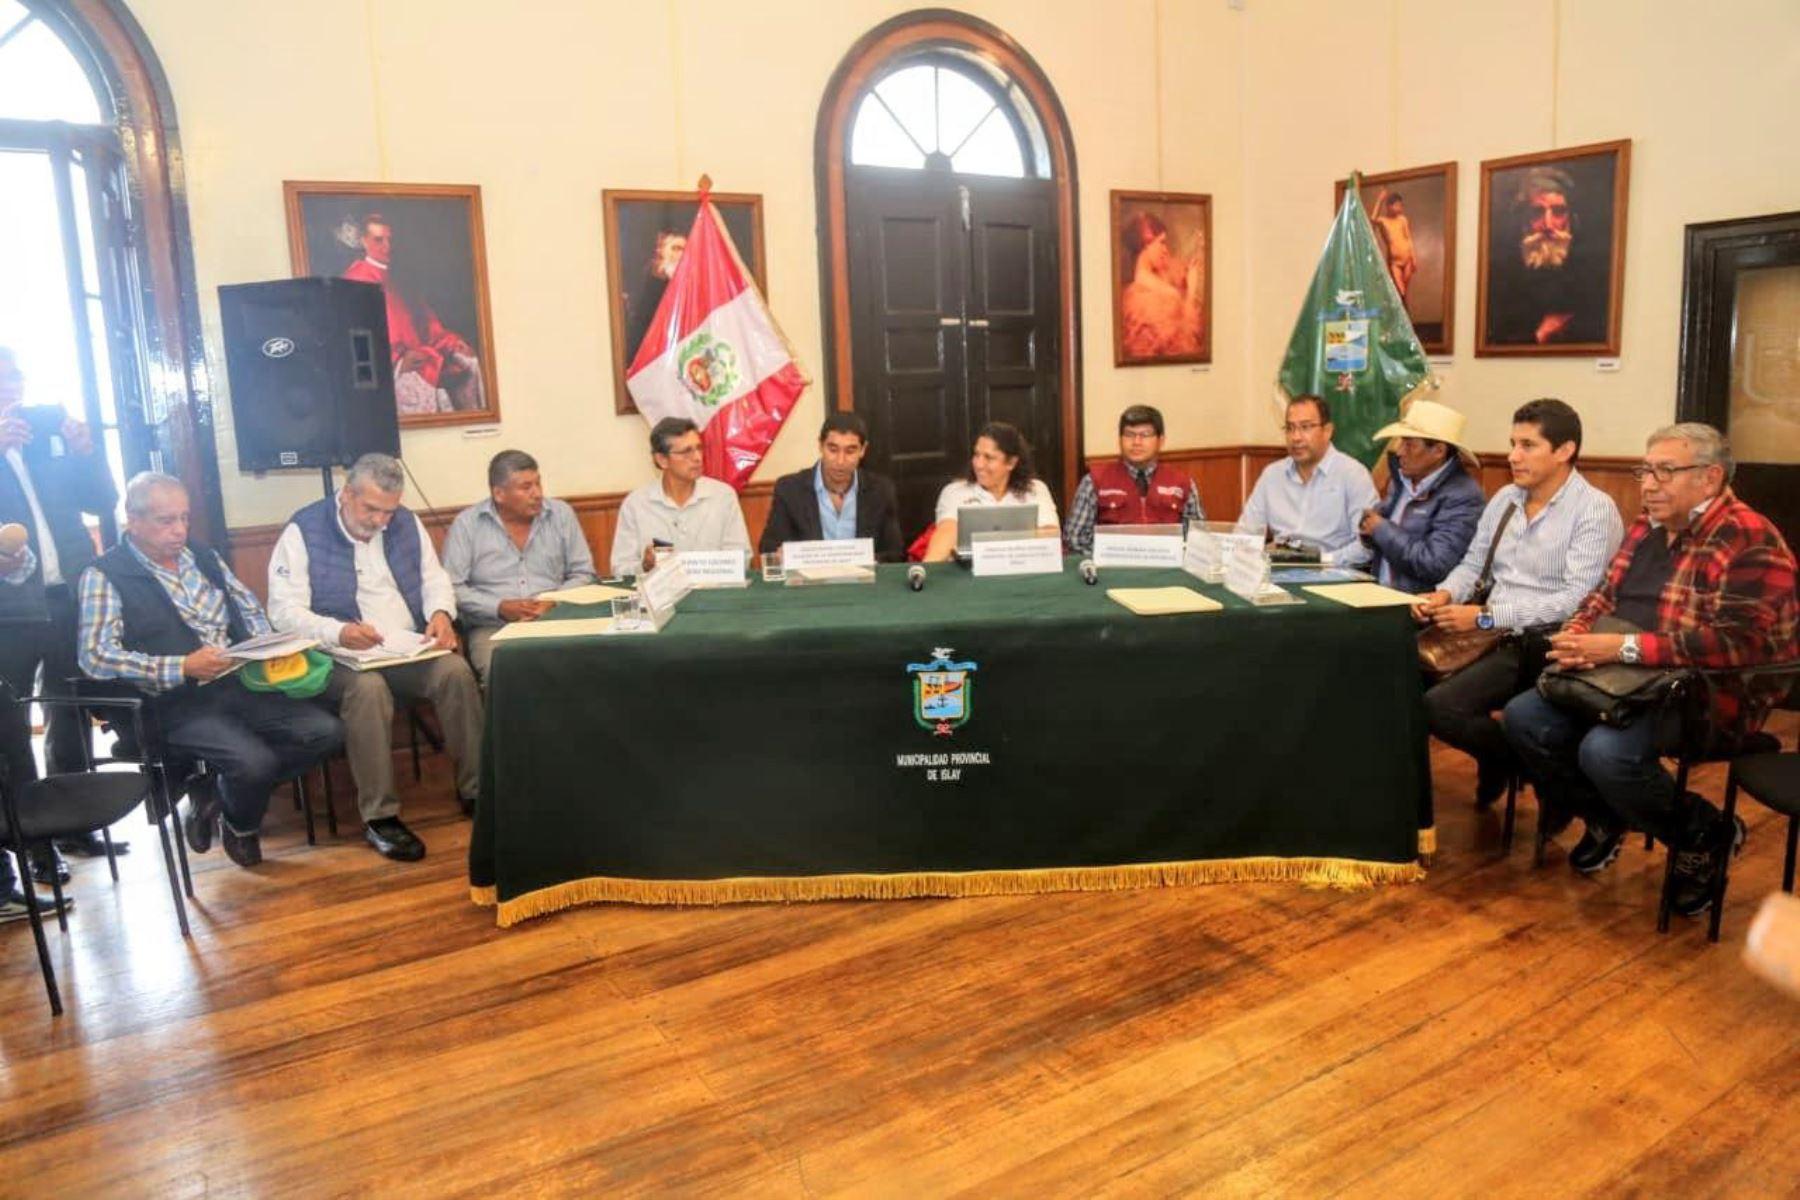 Ministra se reunió con alcalde provincial de Islay, Edgar Rivera, así como burgomaestres y pobladores de esa localidad.